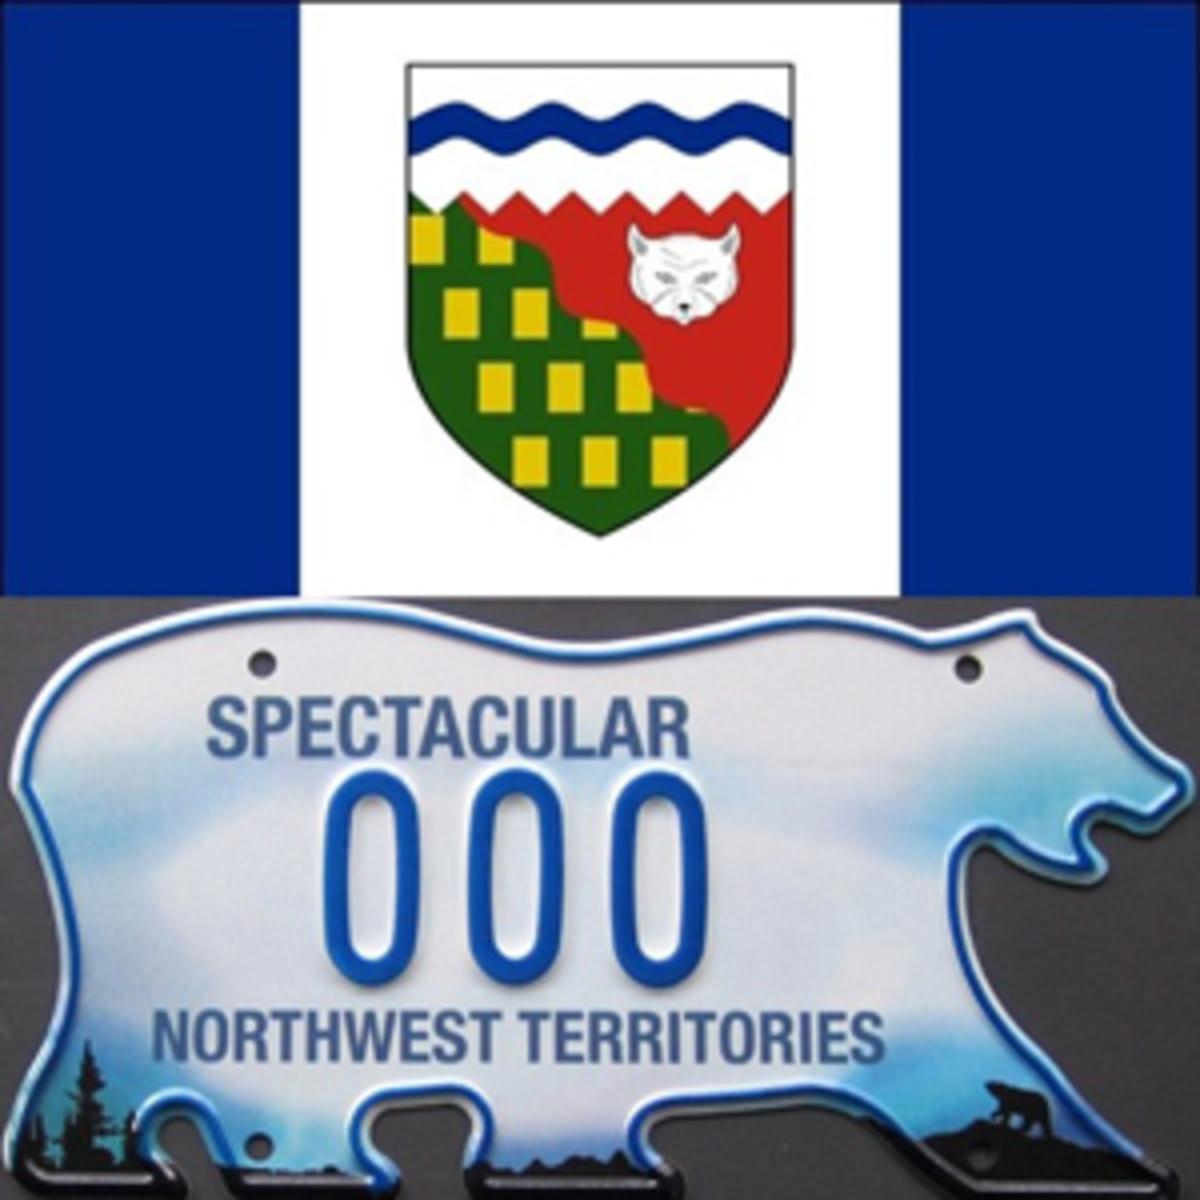 Nowthwest Territory flag